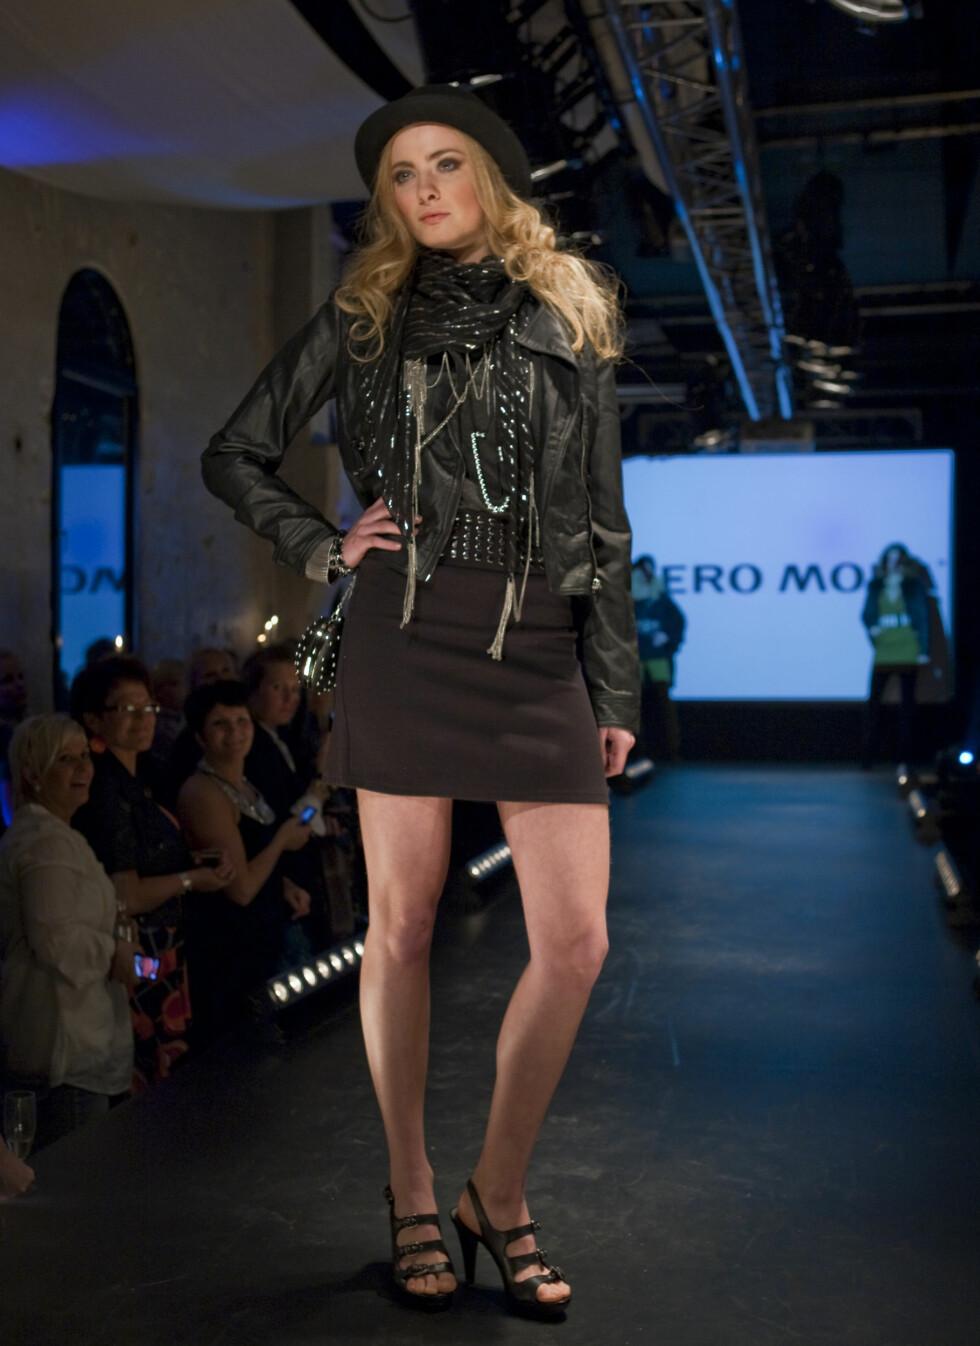 Det svarte og rocka blir også gjeldende til høsten. Hos Vero moda vil du finne svart skinnjakke og matchende minikjole.  Foto: Per Ervland